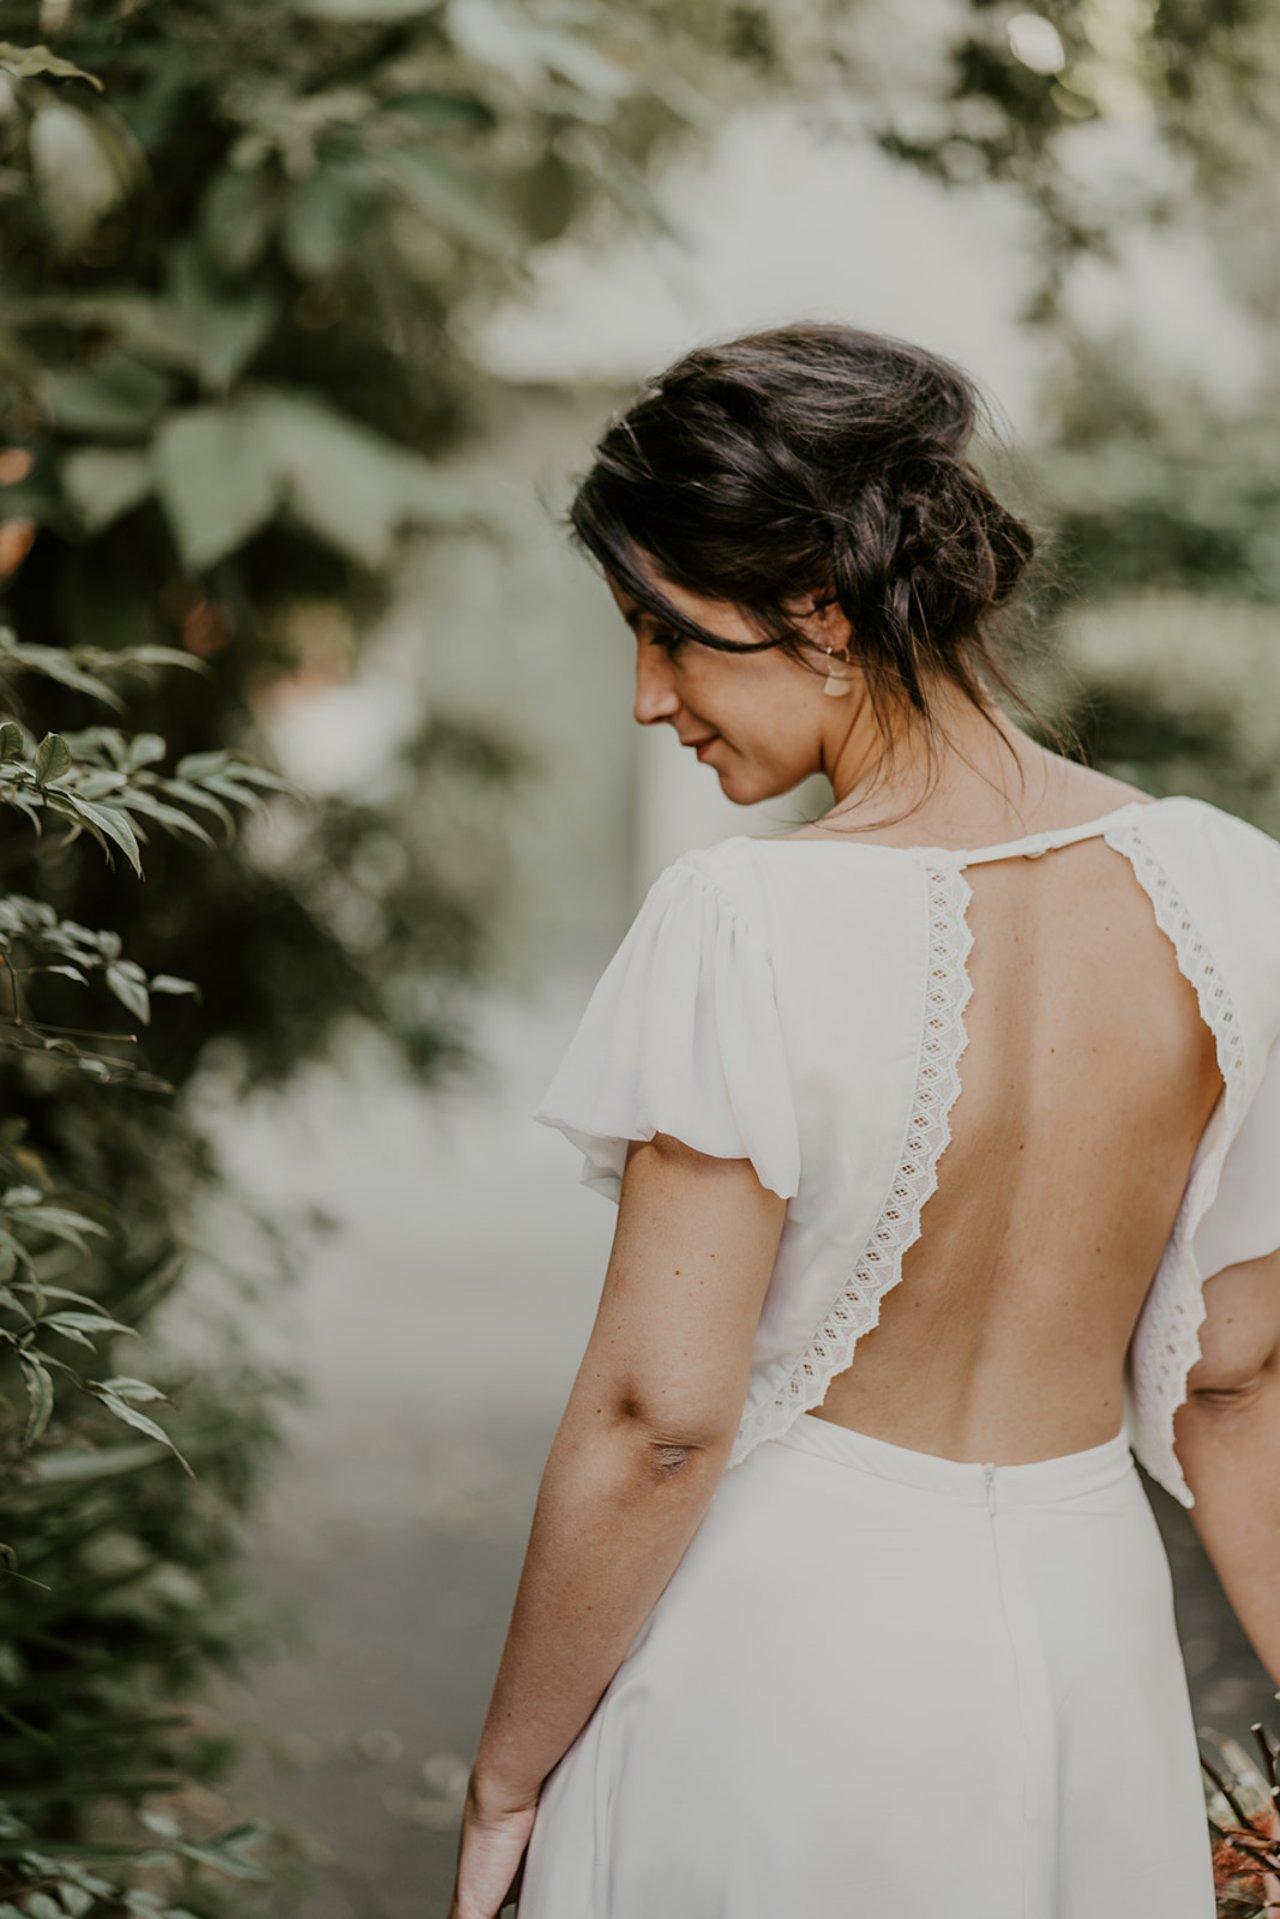 Une robe de mariée sans dentelle avec un joli dos nu, c'est très sexy!